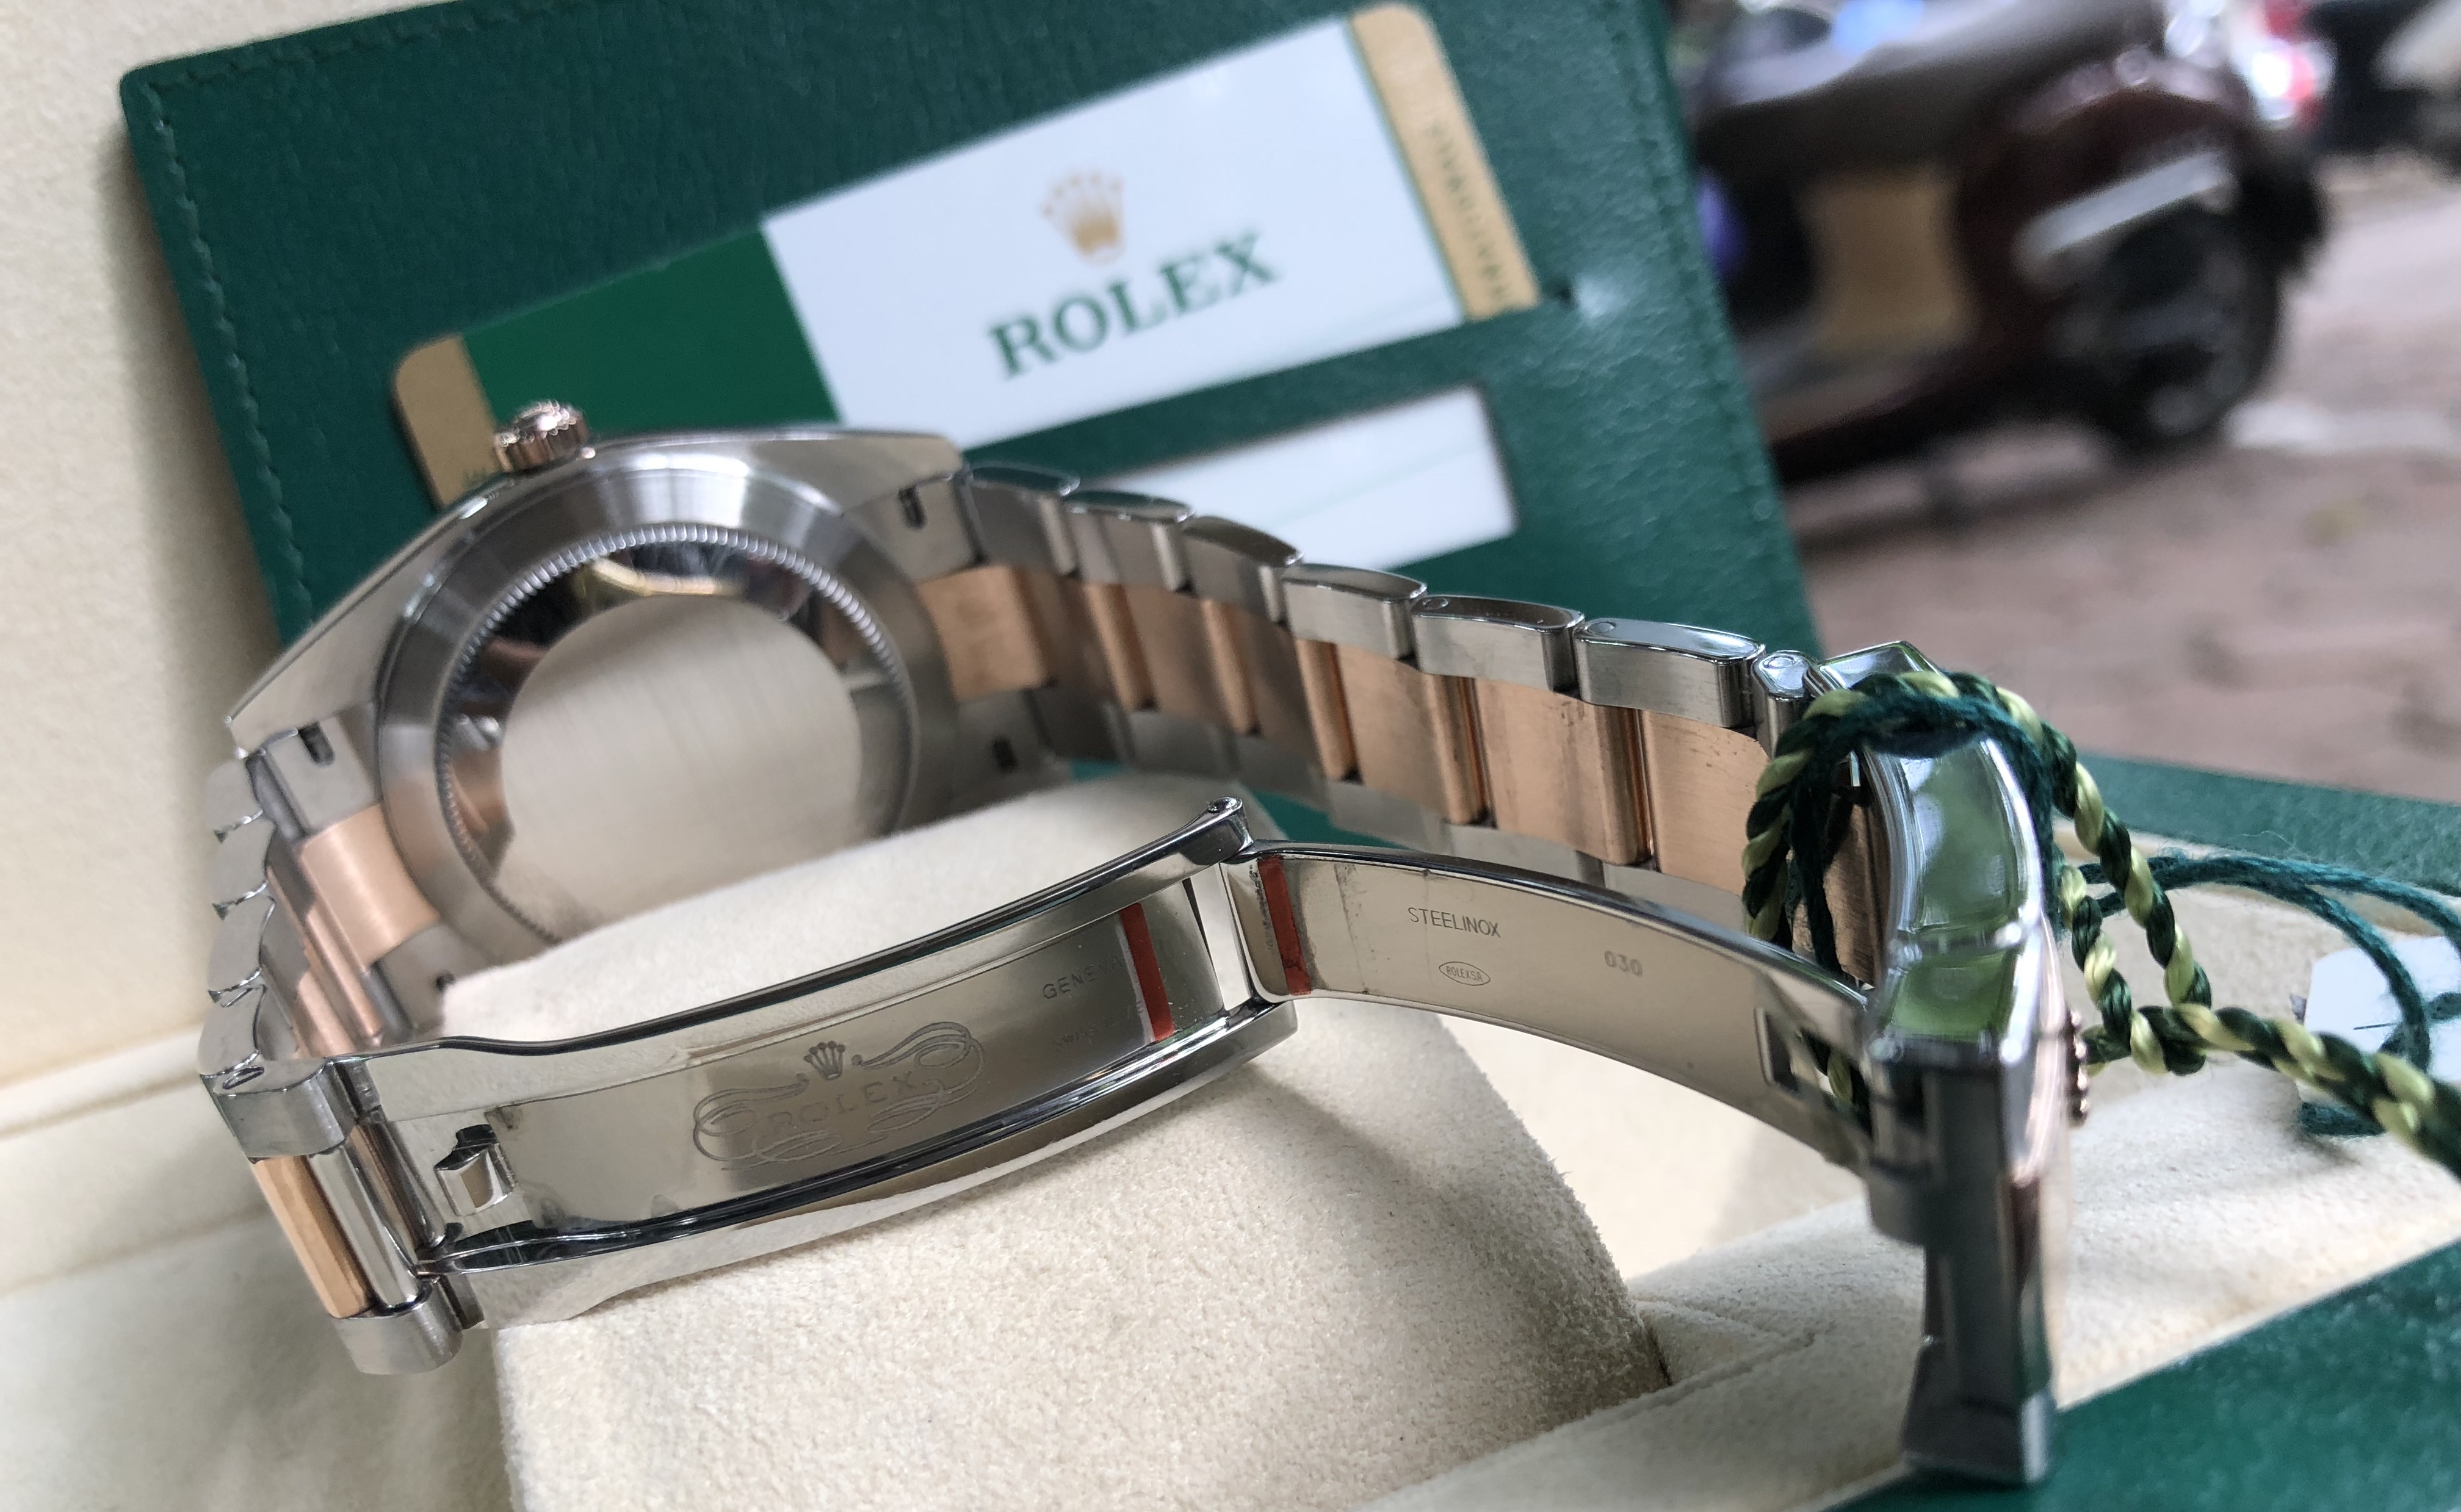 Rolex 126331 demi vàng hồng 18k sản xuất năm 2018